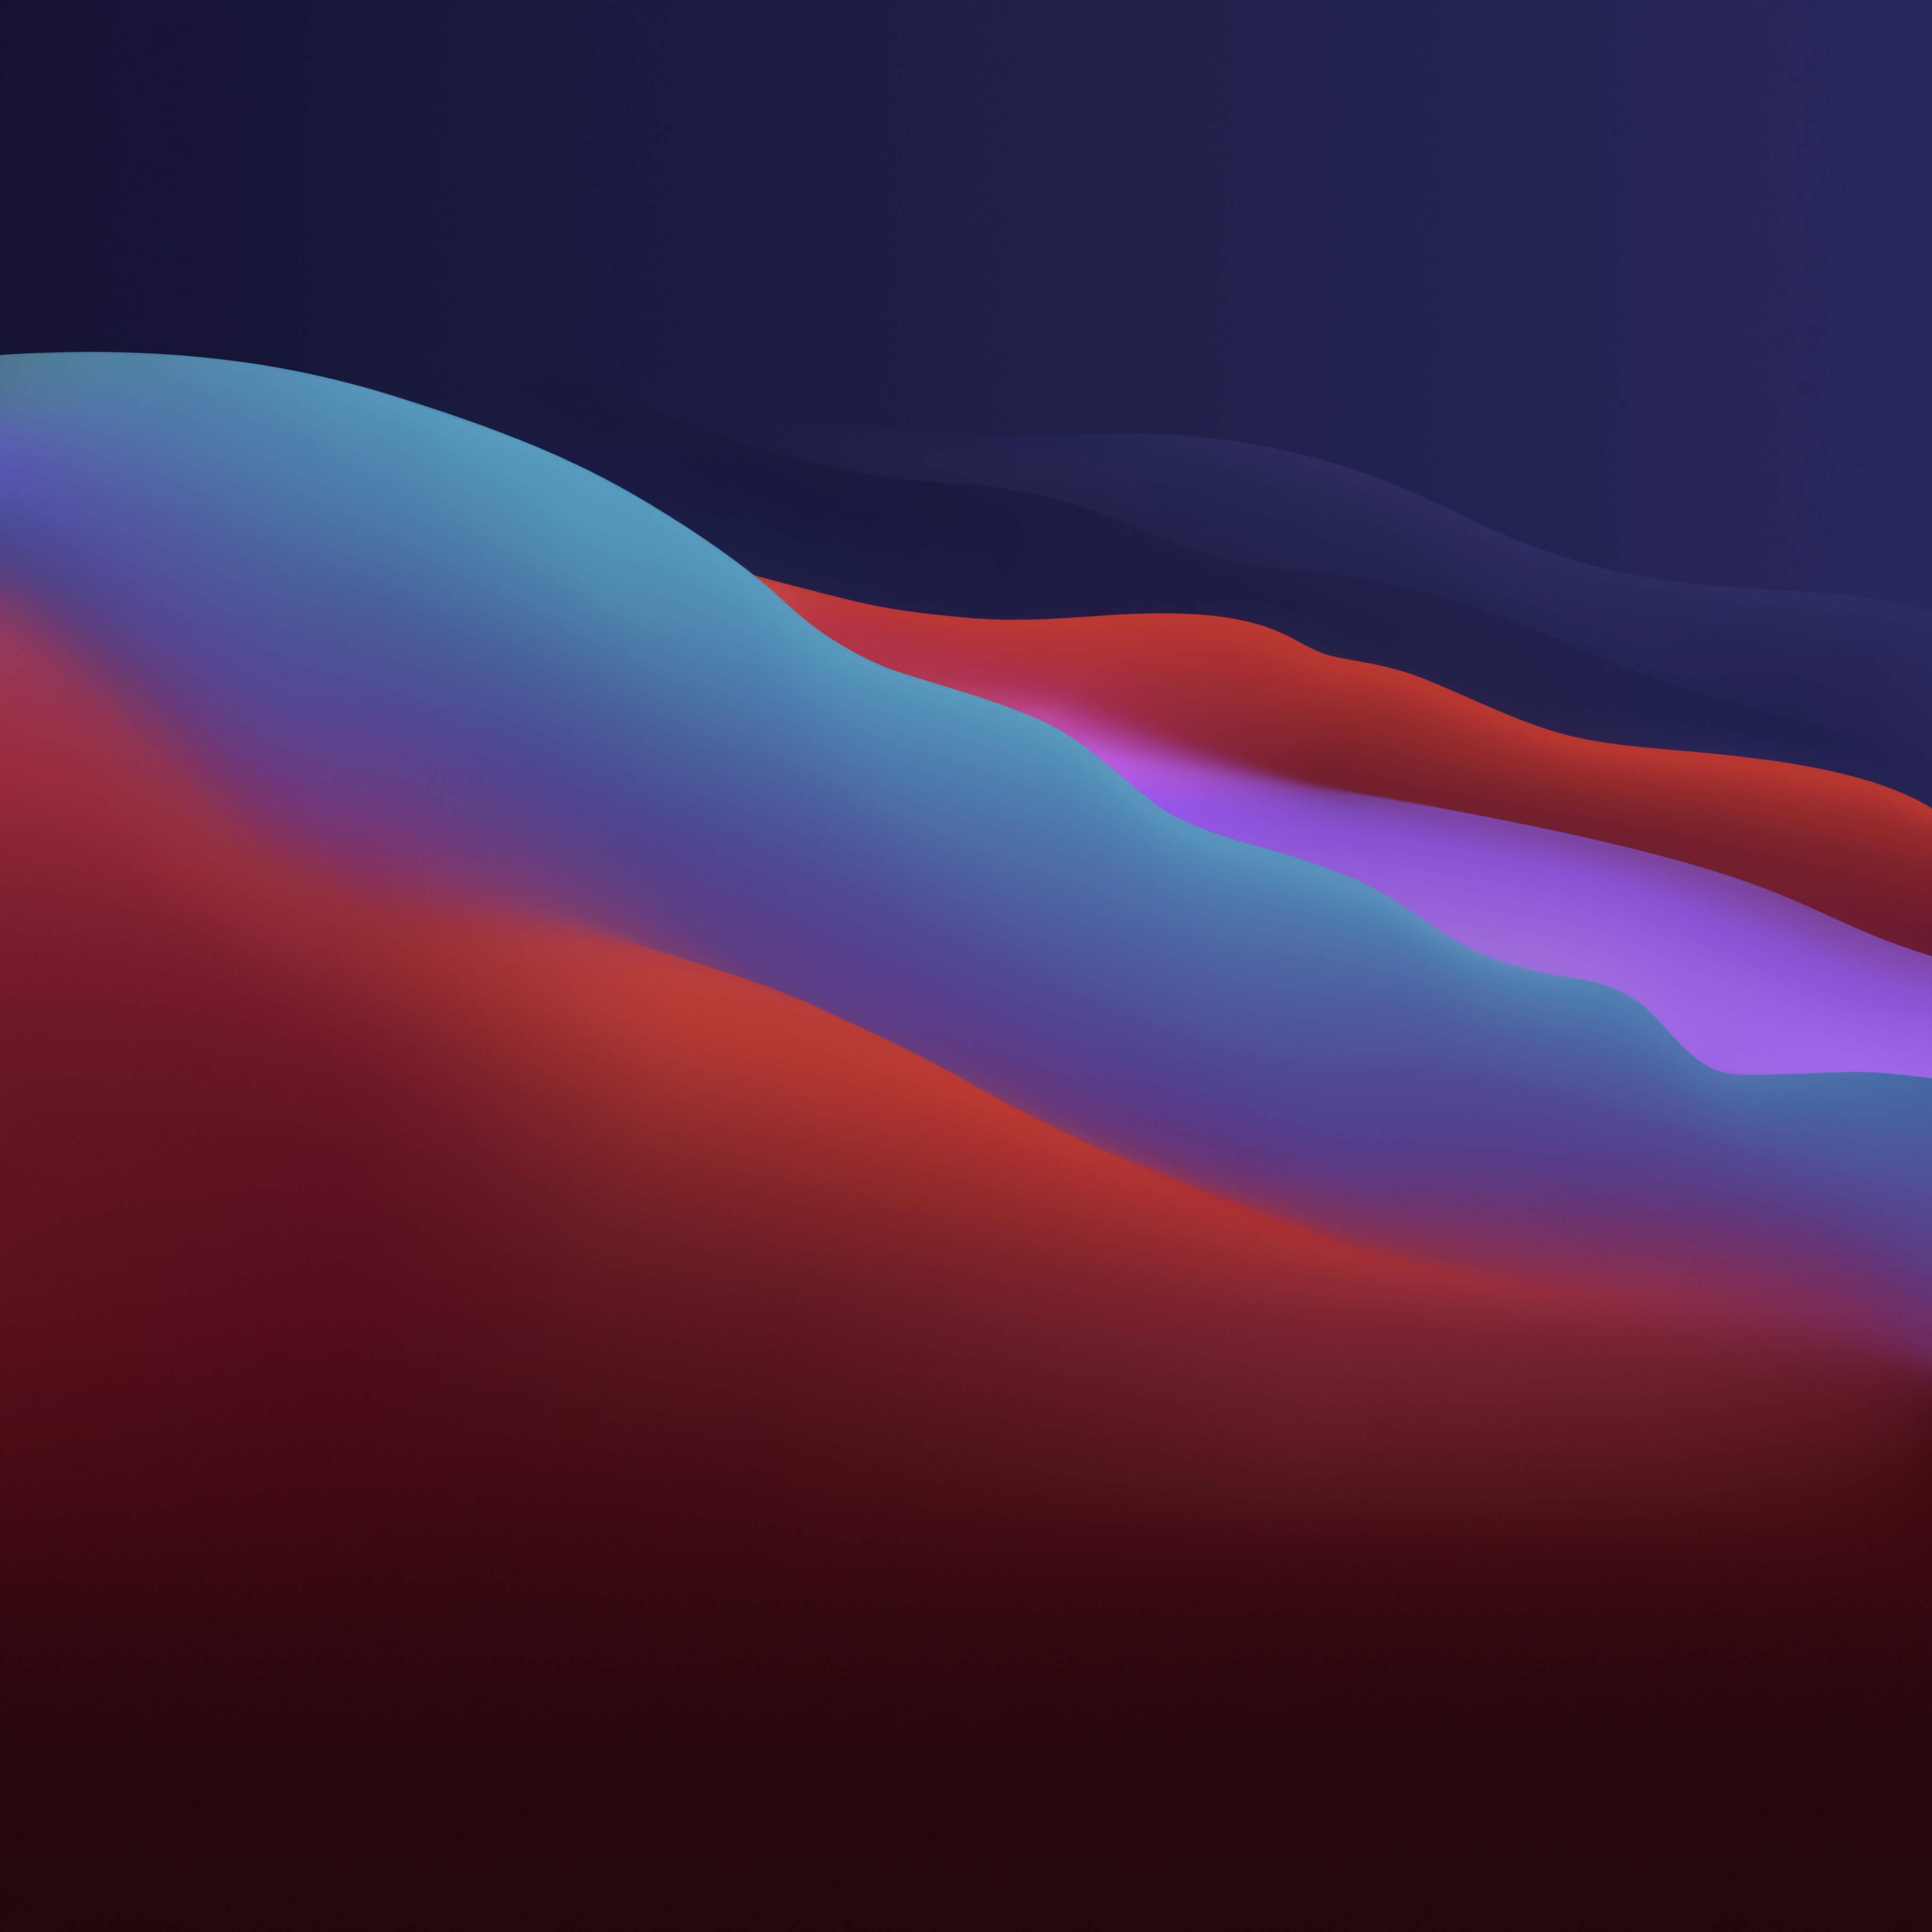 Les fonds d'écran de MacOS 11 Big Sur - iPhone Soft